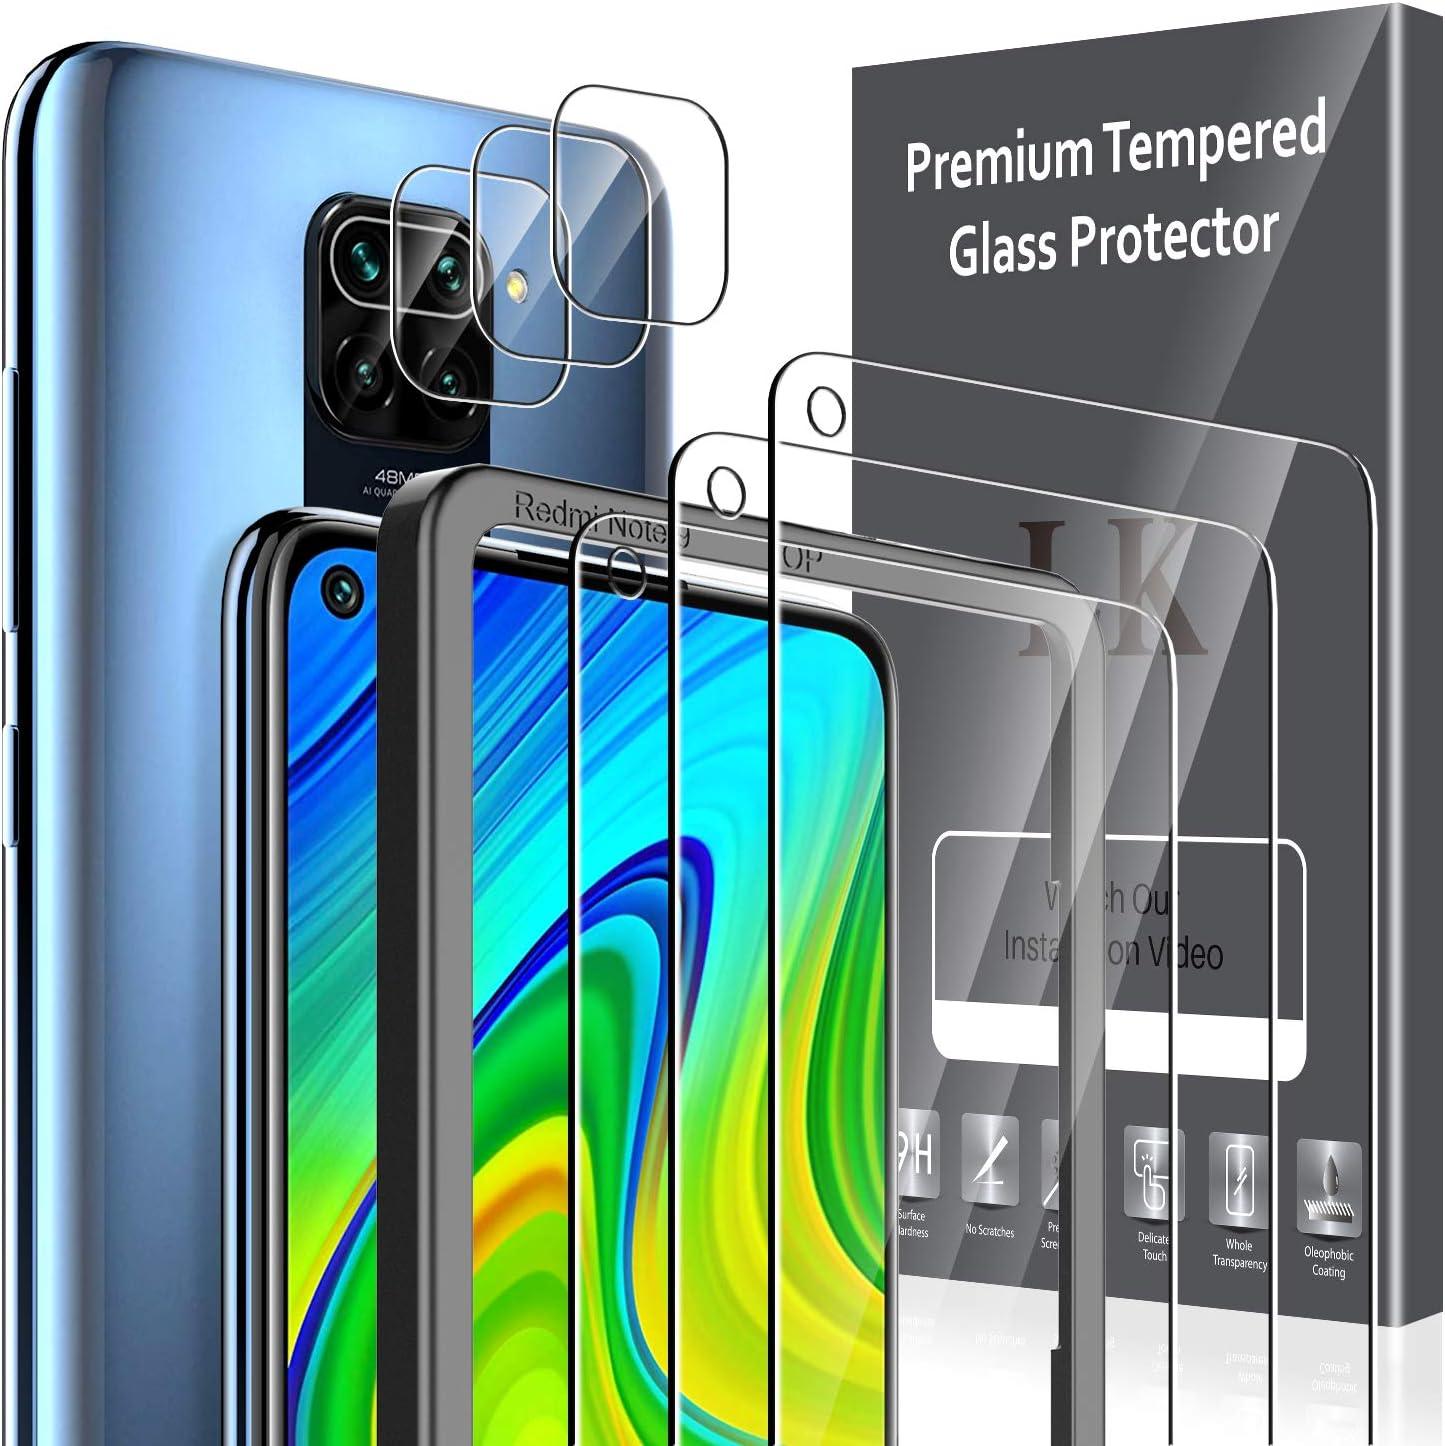 LK 6 Pack Protector de Pantalla Compatible con Xiaomi Redmi Note 9,Contiene 3 Pack Cristal Vidrio Templado y 3 Pack Protector de Lente de cámara, Doble Protección,Marco de Posicionamiento